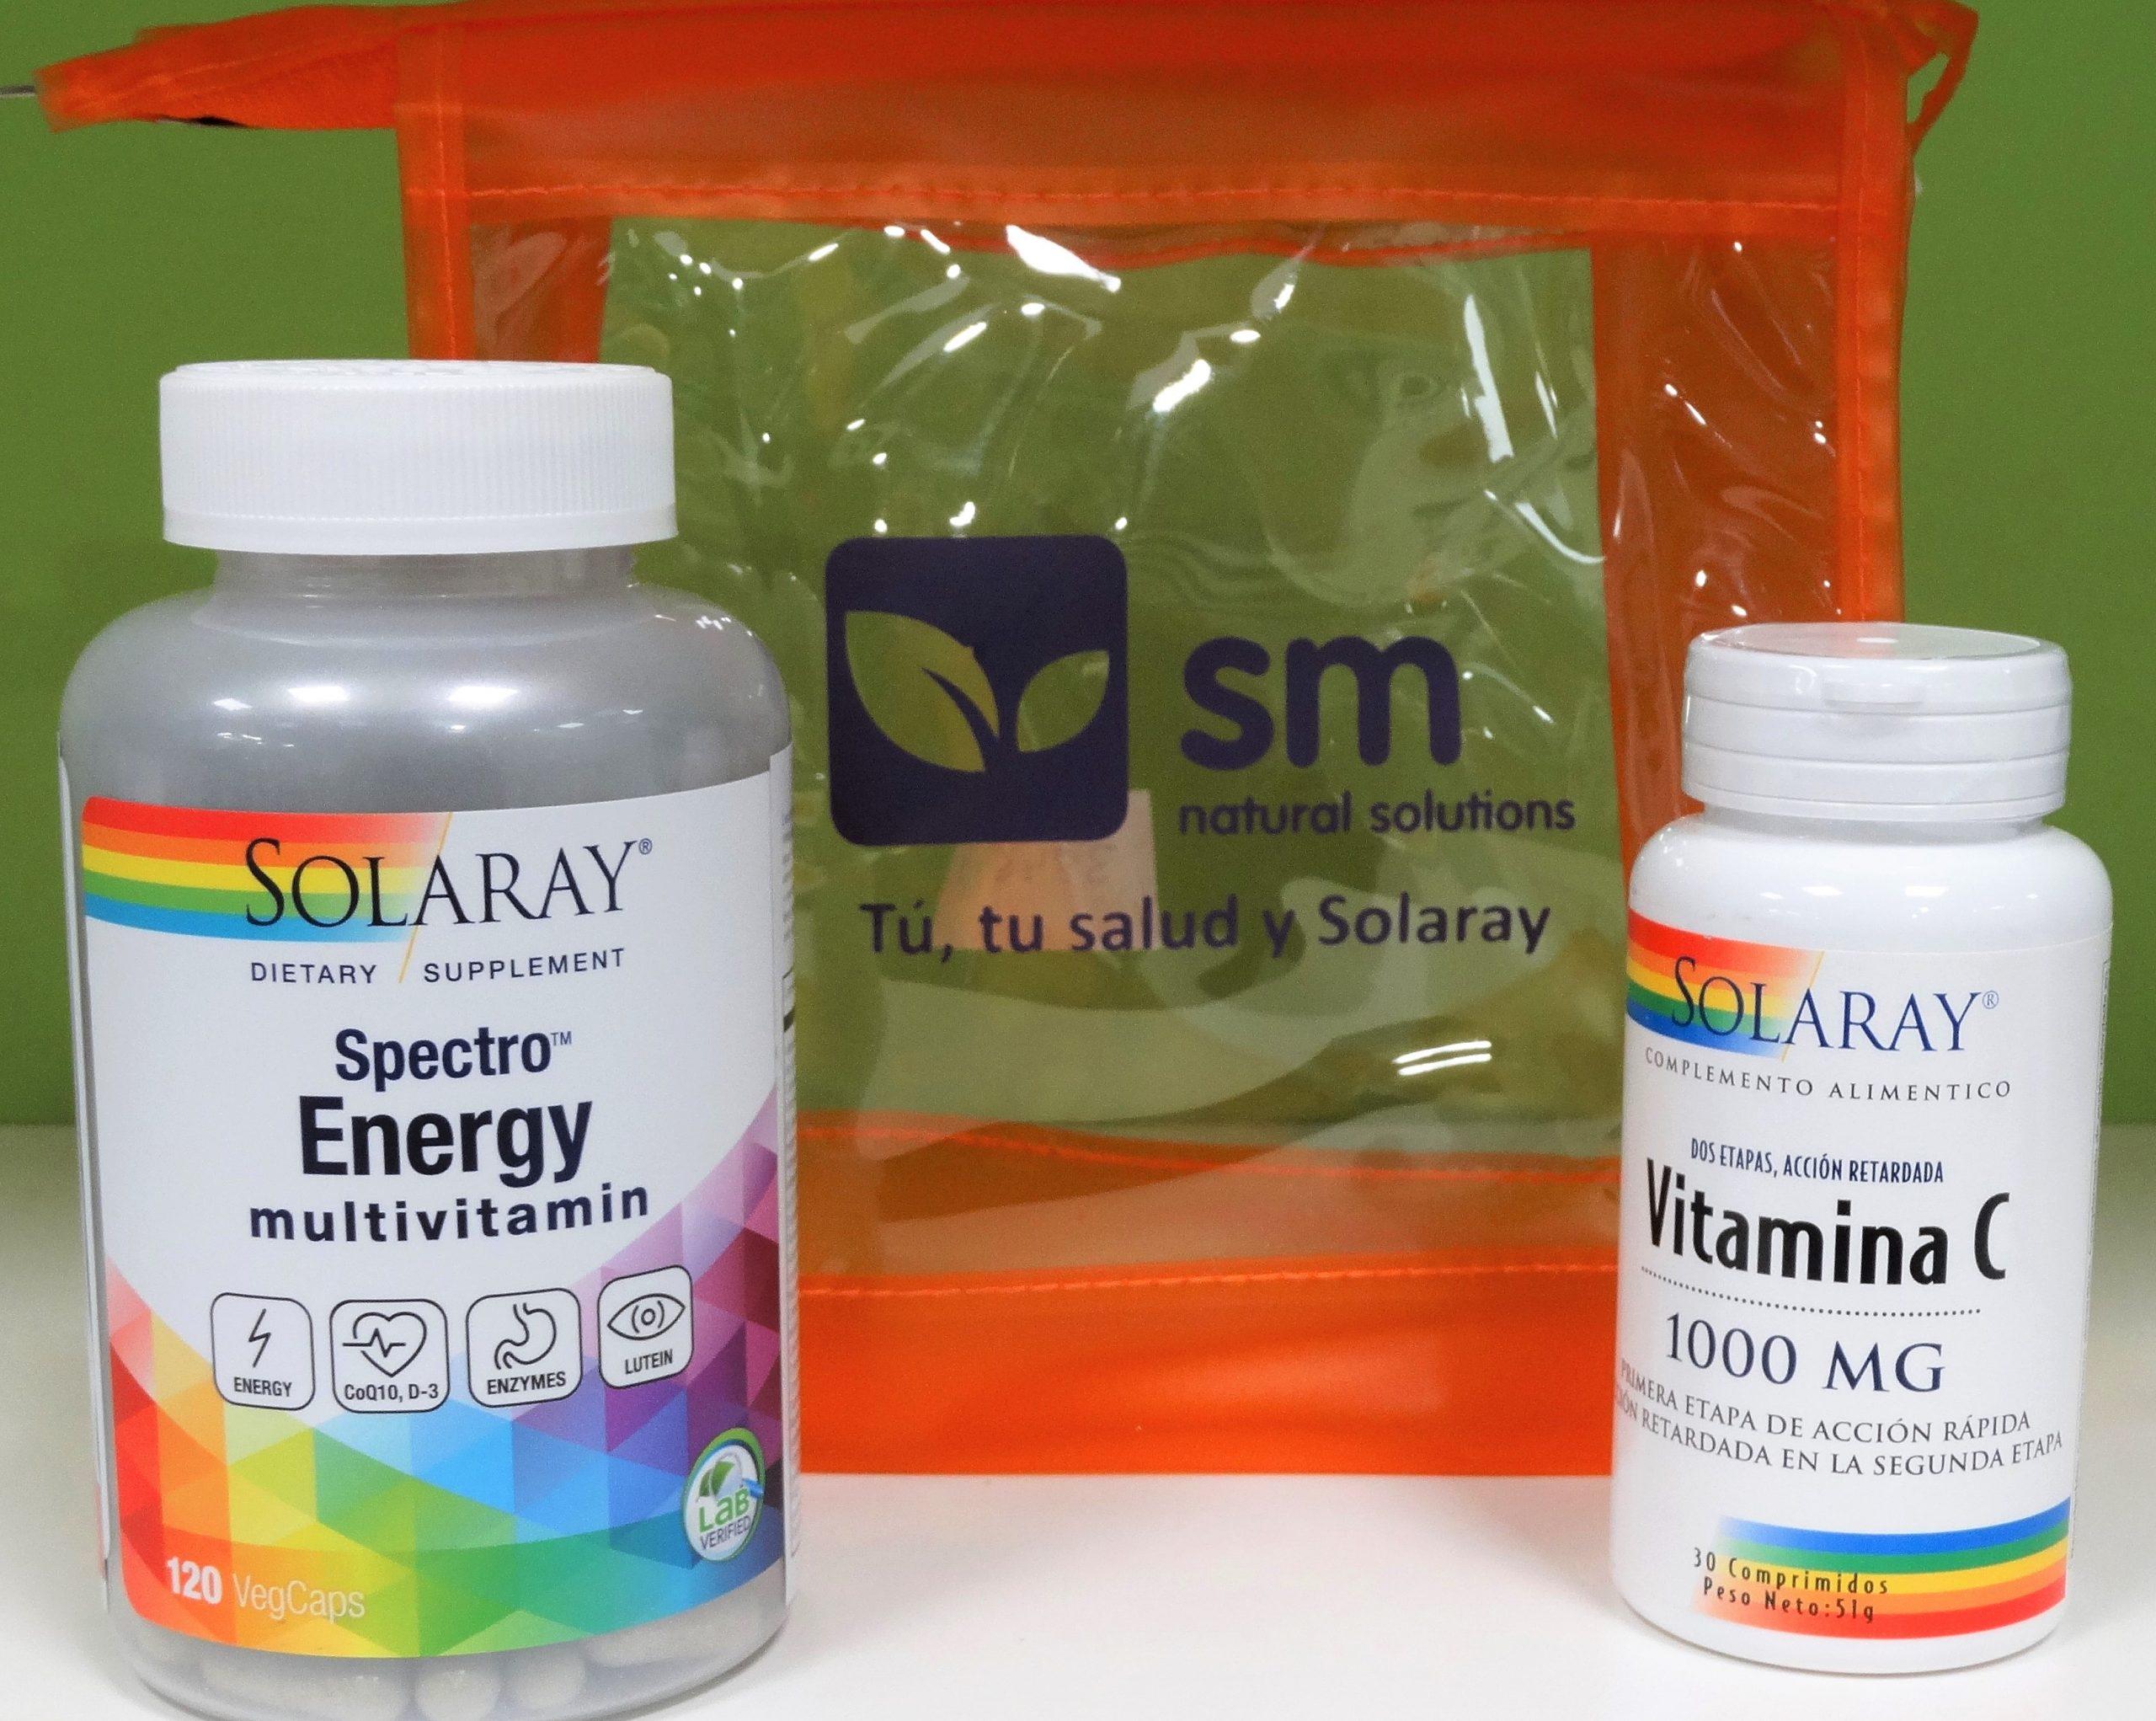 Multivitaminas Spectro Energy - Solaray - 120 cápsulas Aporta más de 80 ingredientes para un máximo apoyo nutricional aumentando la resistencia al cansancio y mejorando la respuesta general del organismo.